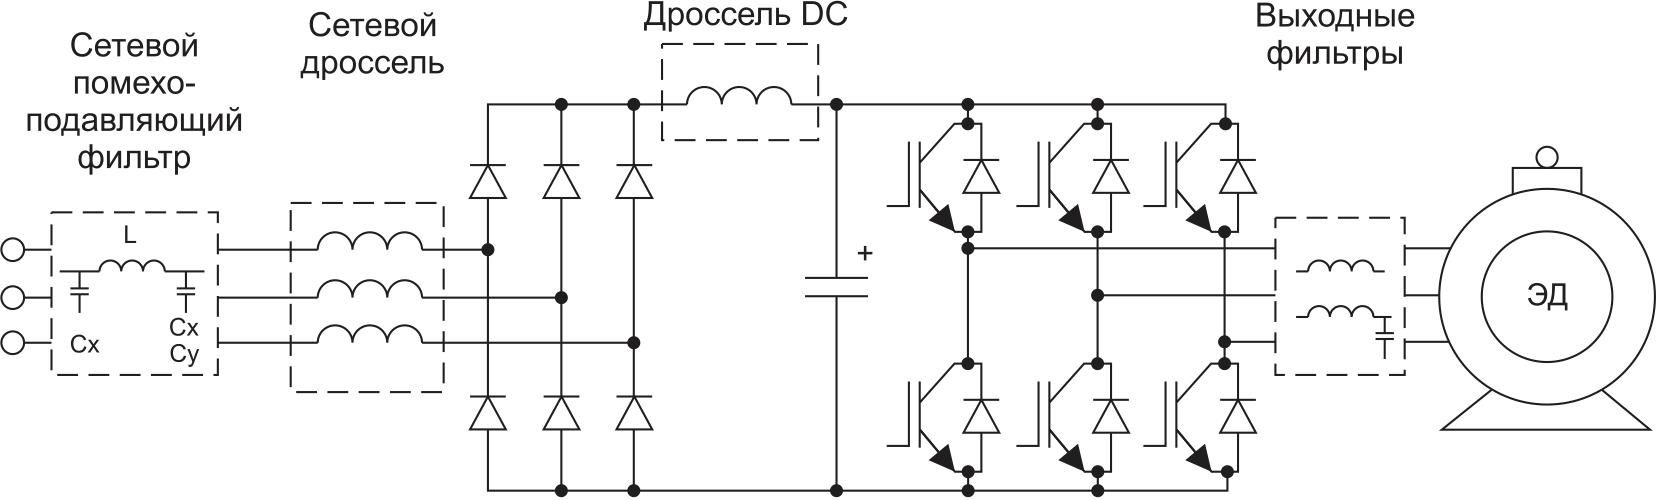 Виды фильтров и дросселей в системе регулируемого электропривода